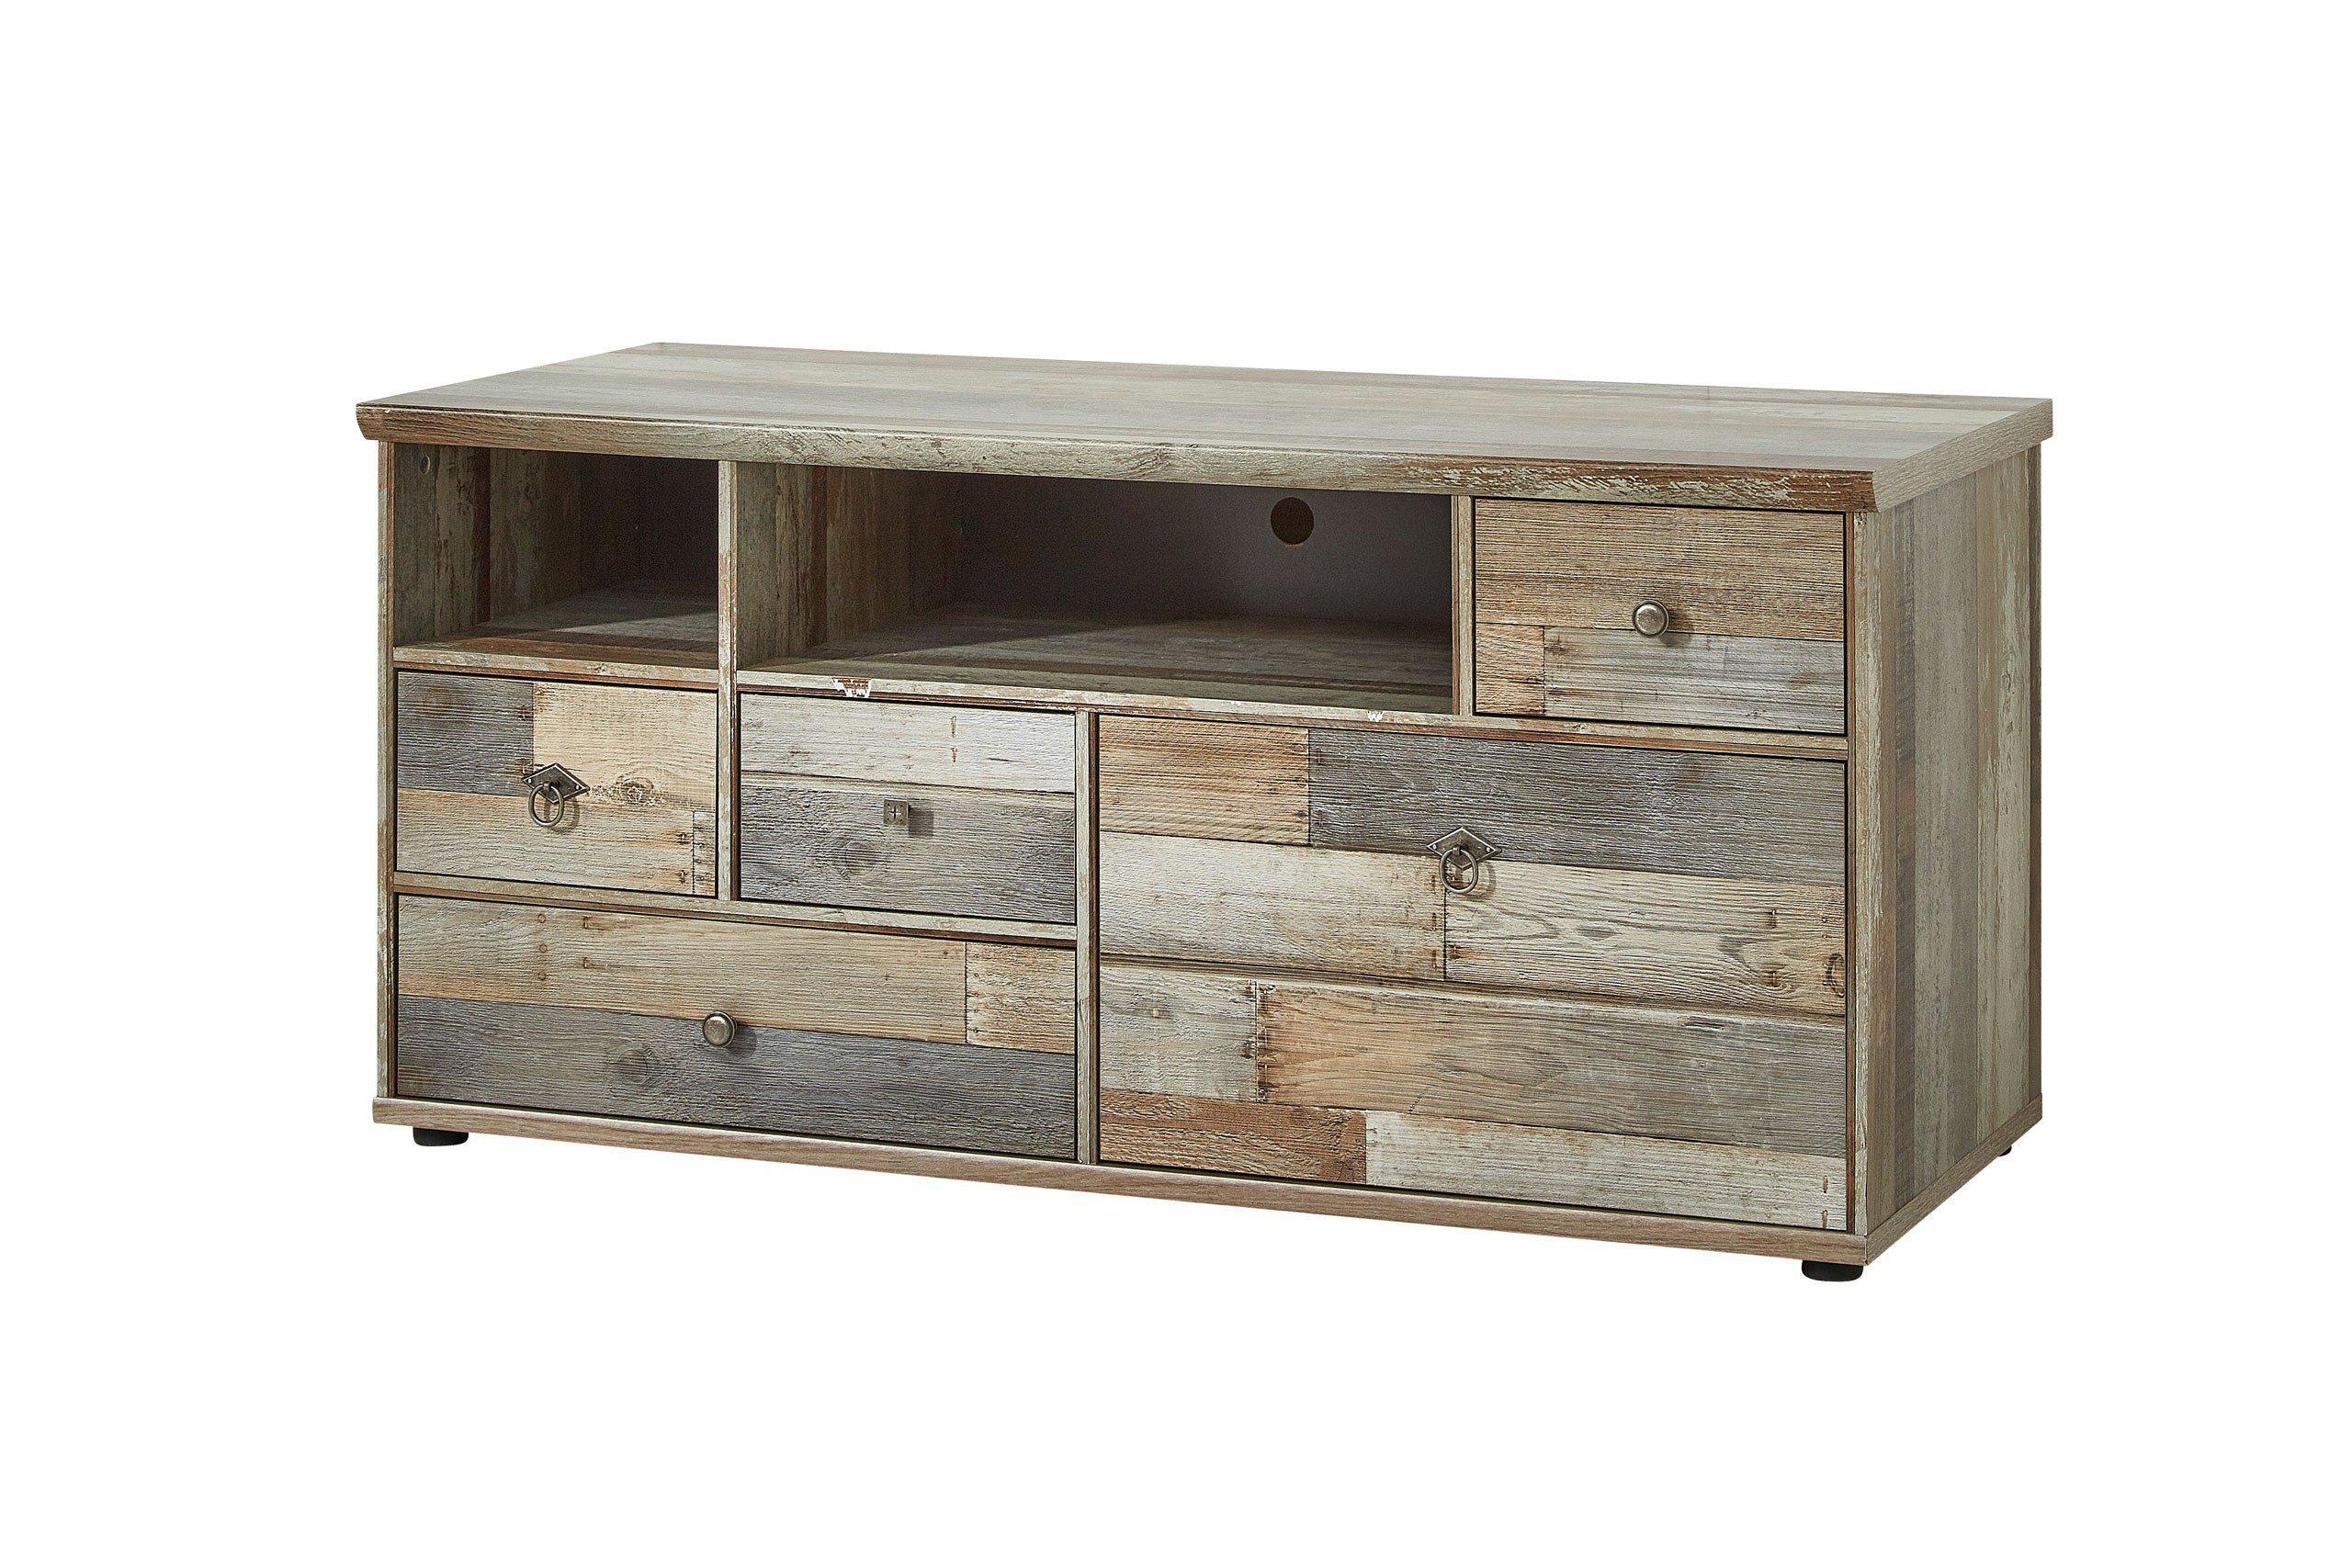 Innostyle wohnwand bonanza mit beleuchtung in driftwood for Wohnwand vintage look